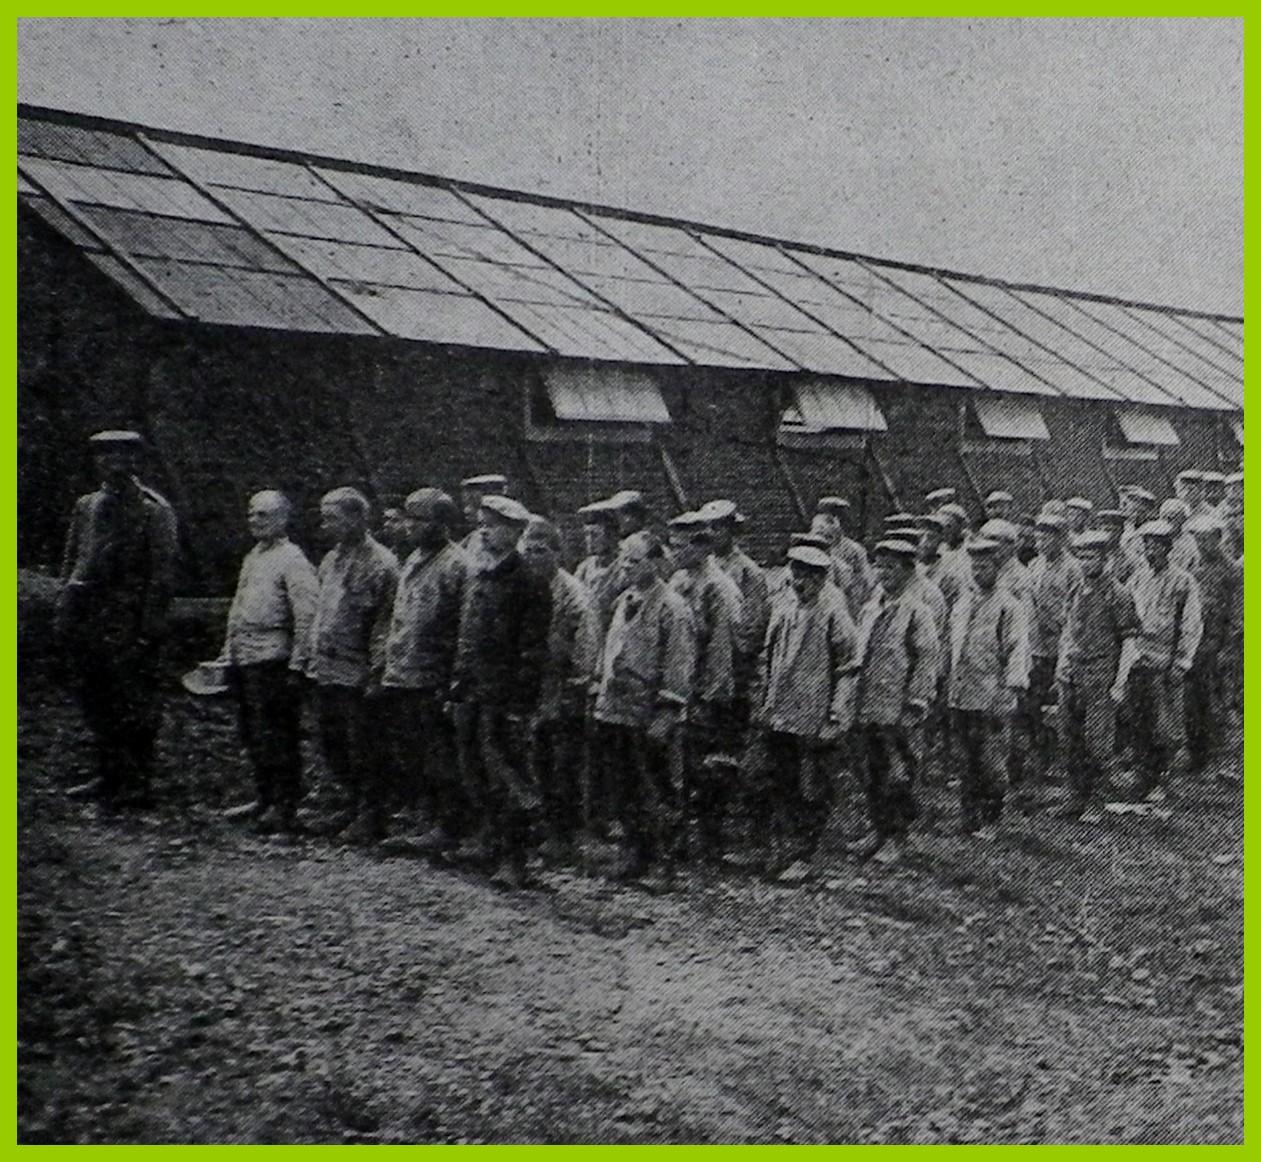 Calais 14 18 prisonniers allemands encadre